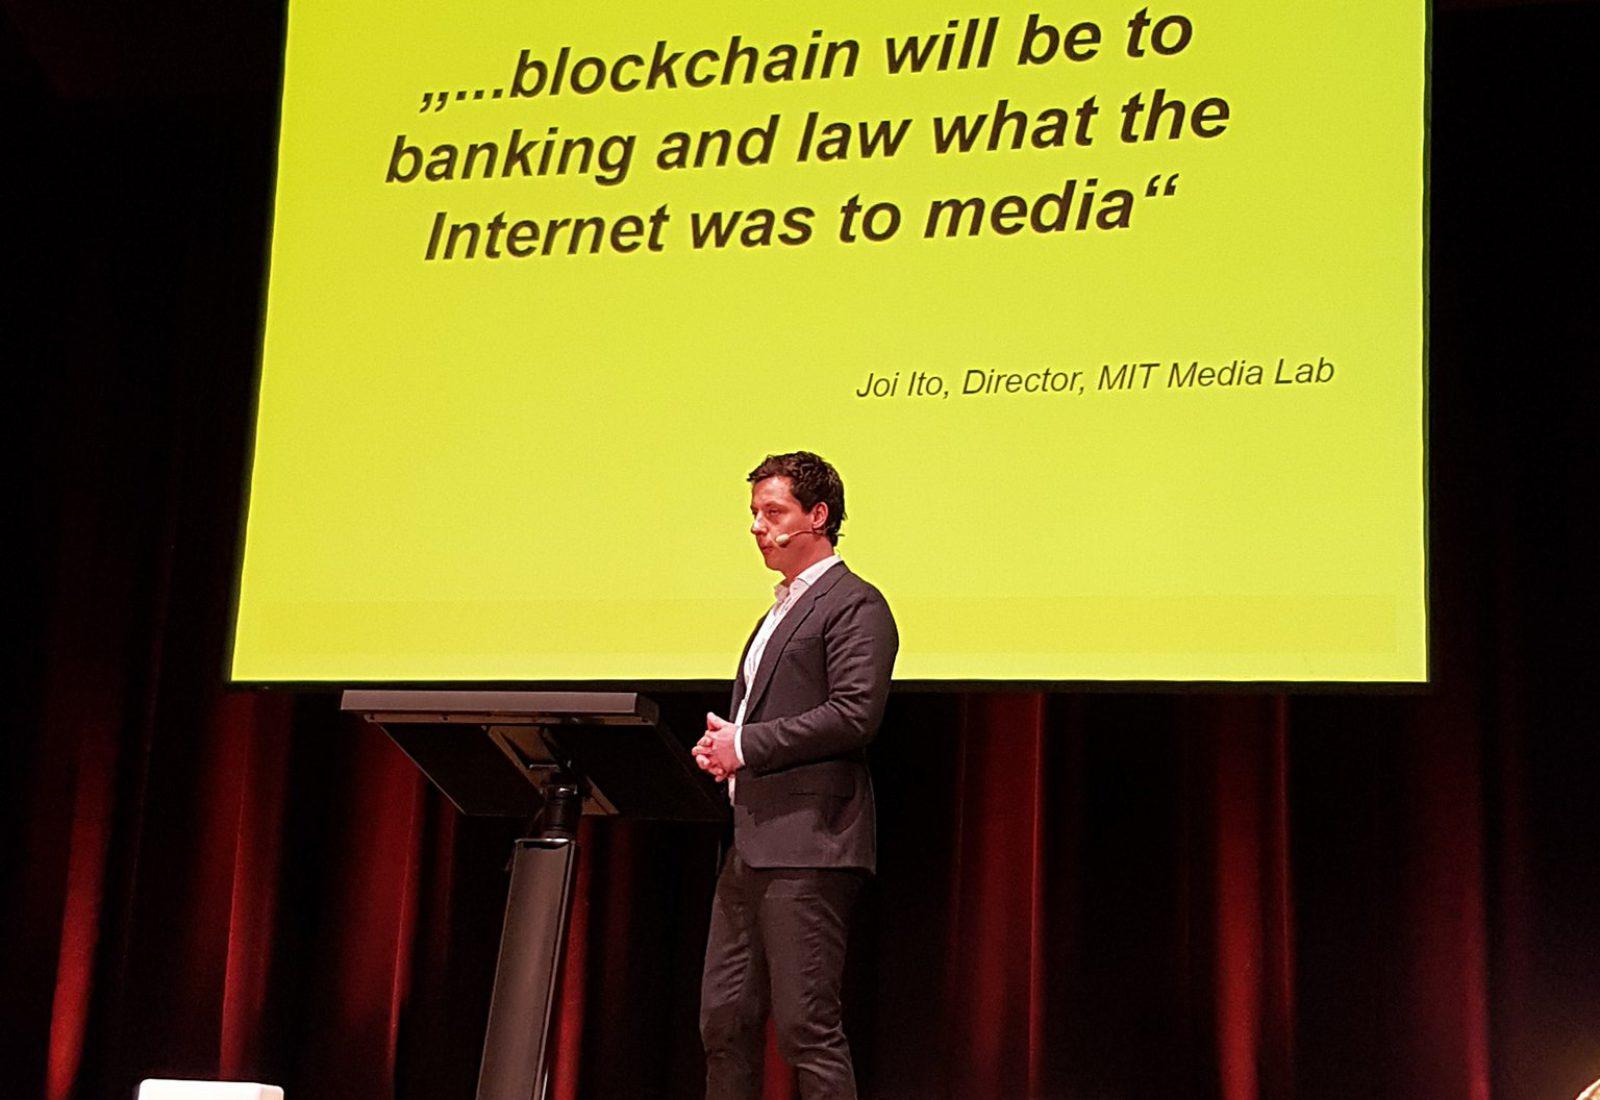 'A blokklánc olyan lesz a bankolásnak és a médiának, mint az internet volt a médiának.' – Joi Ito, MIT